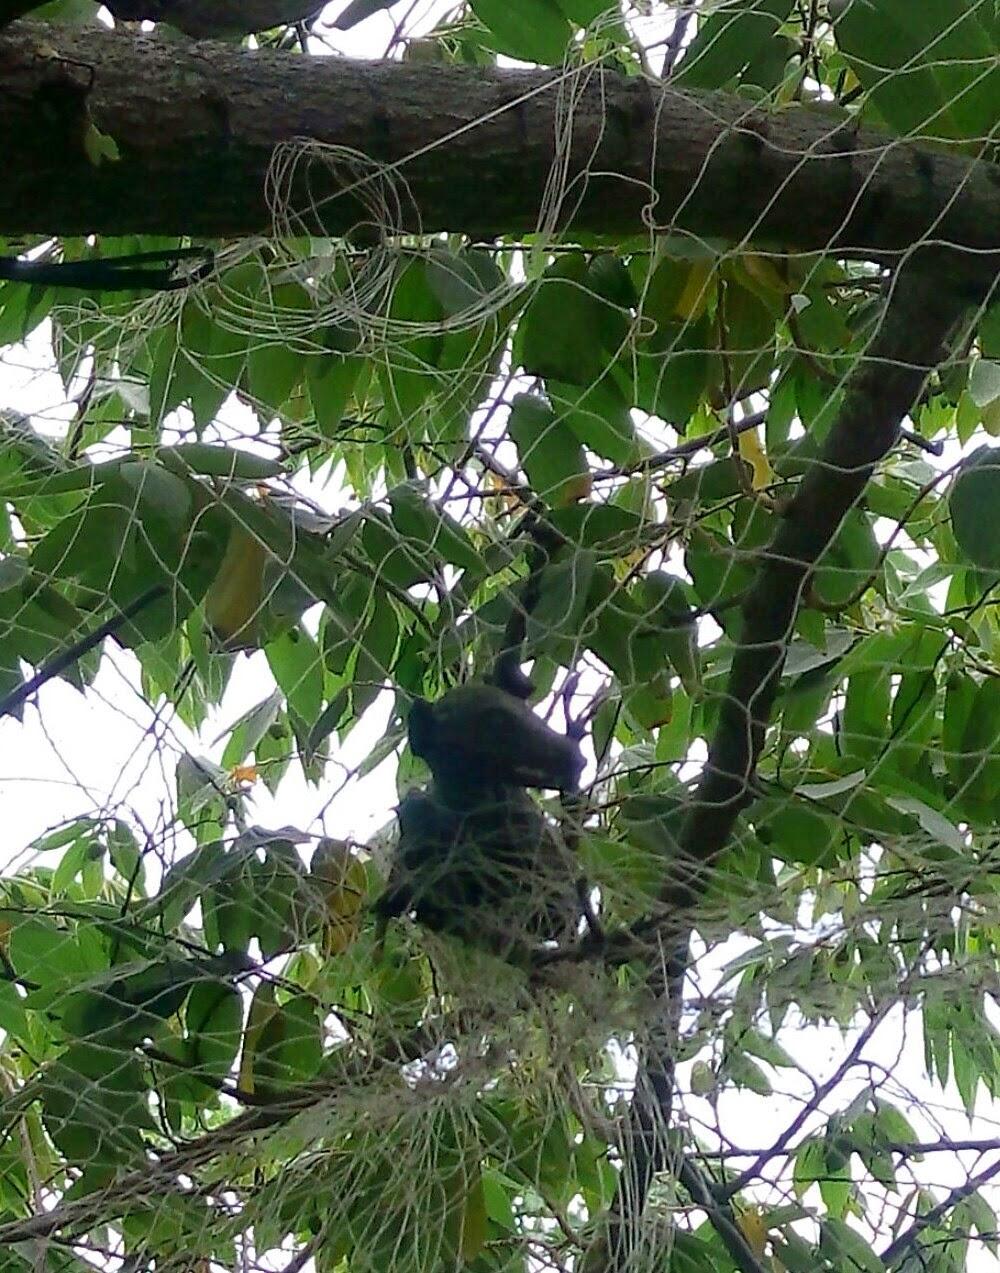 tengkorak kelelawar yang terperangkap pada jaring